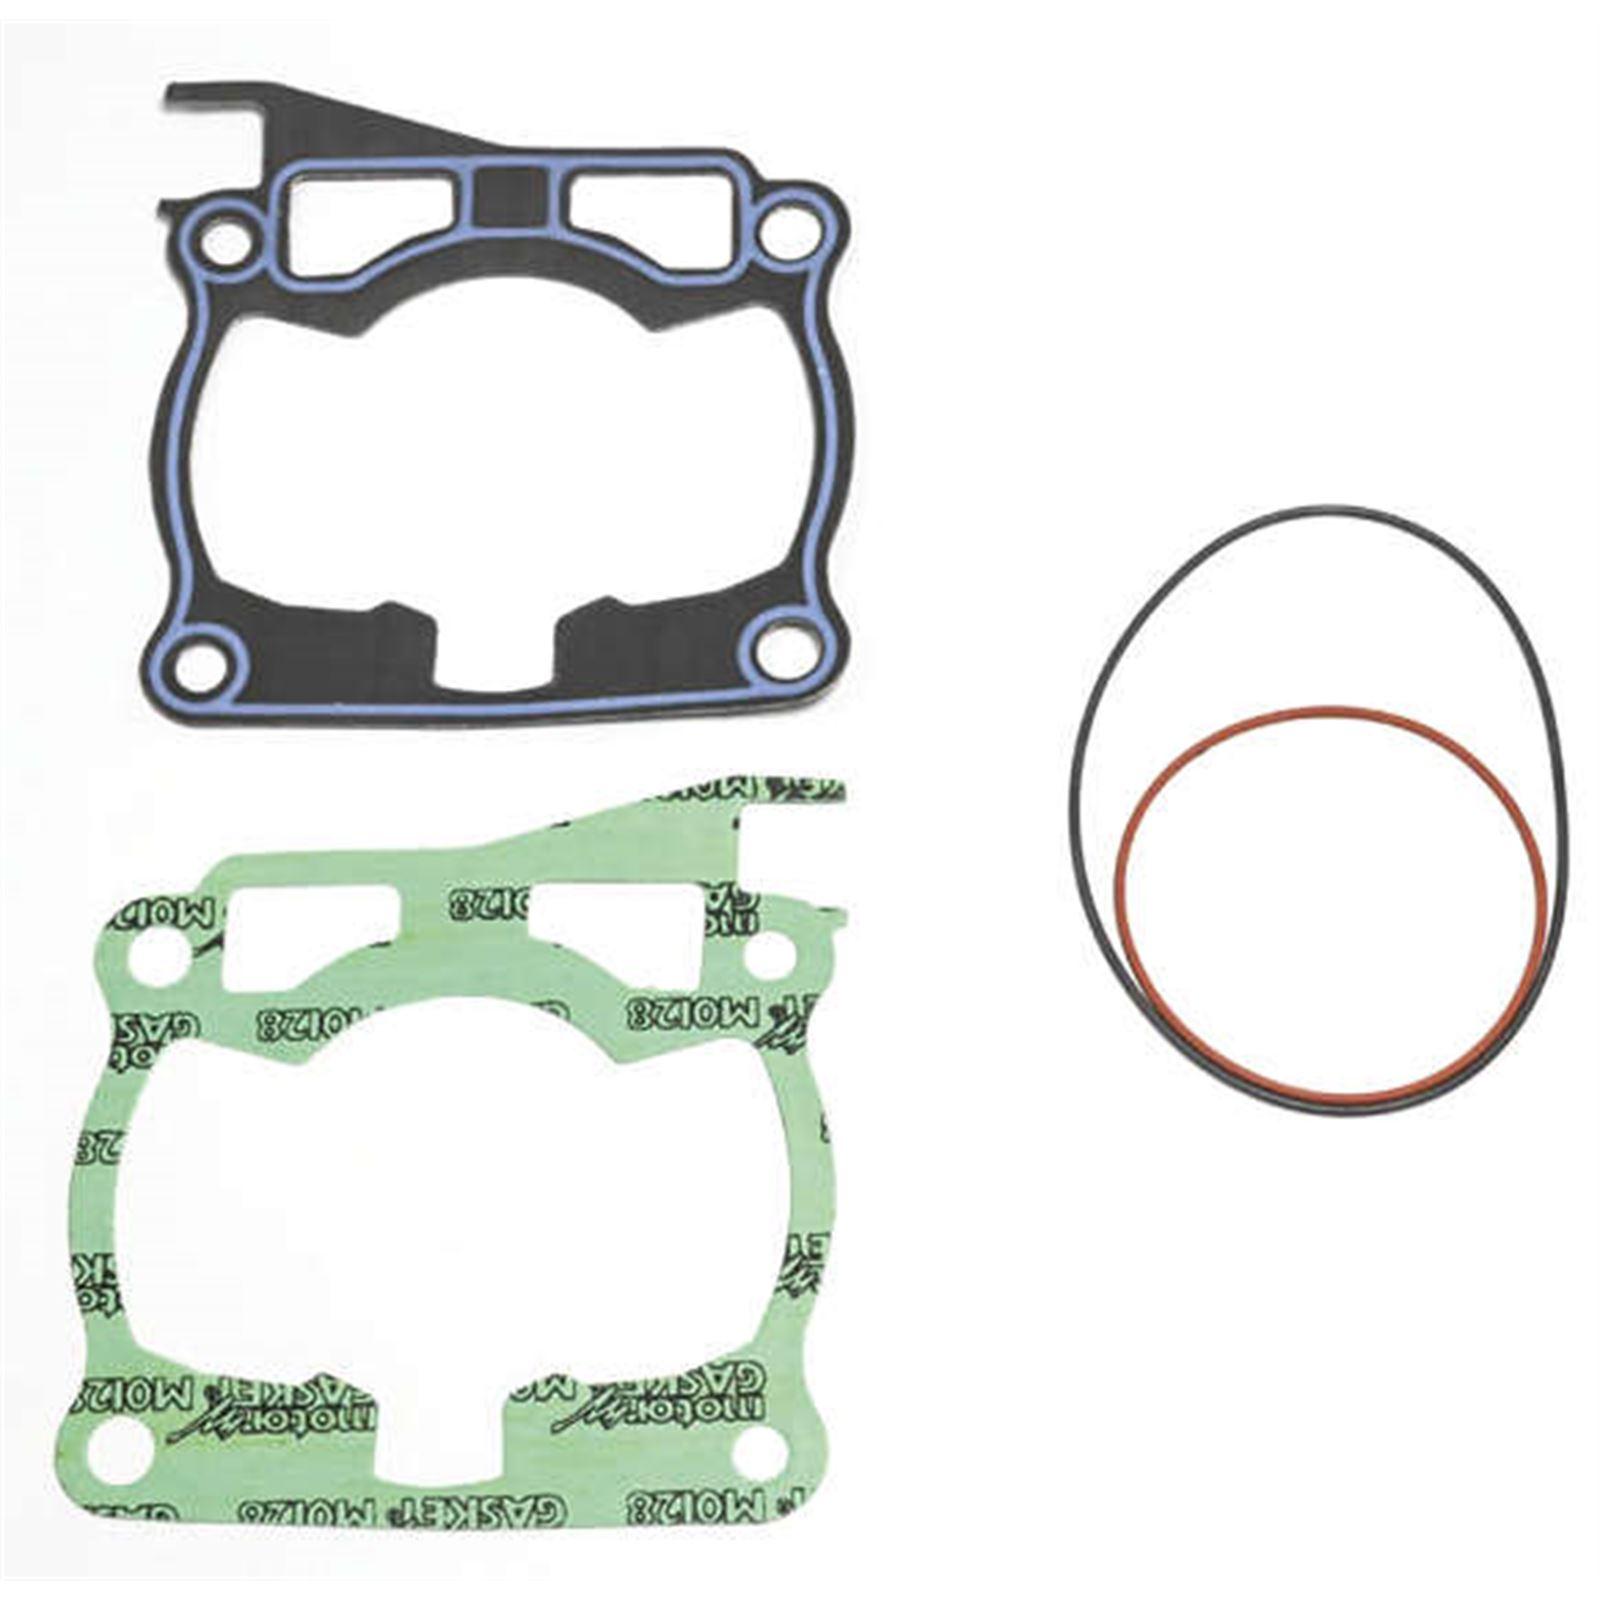 Athena Race Gasket Kit